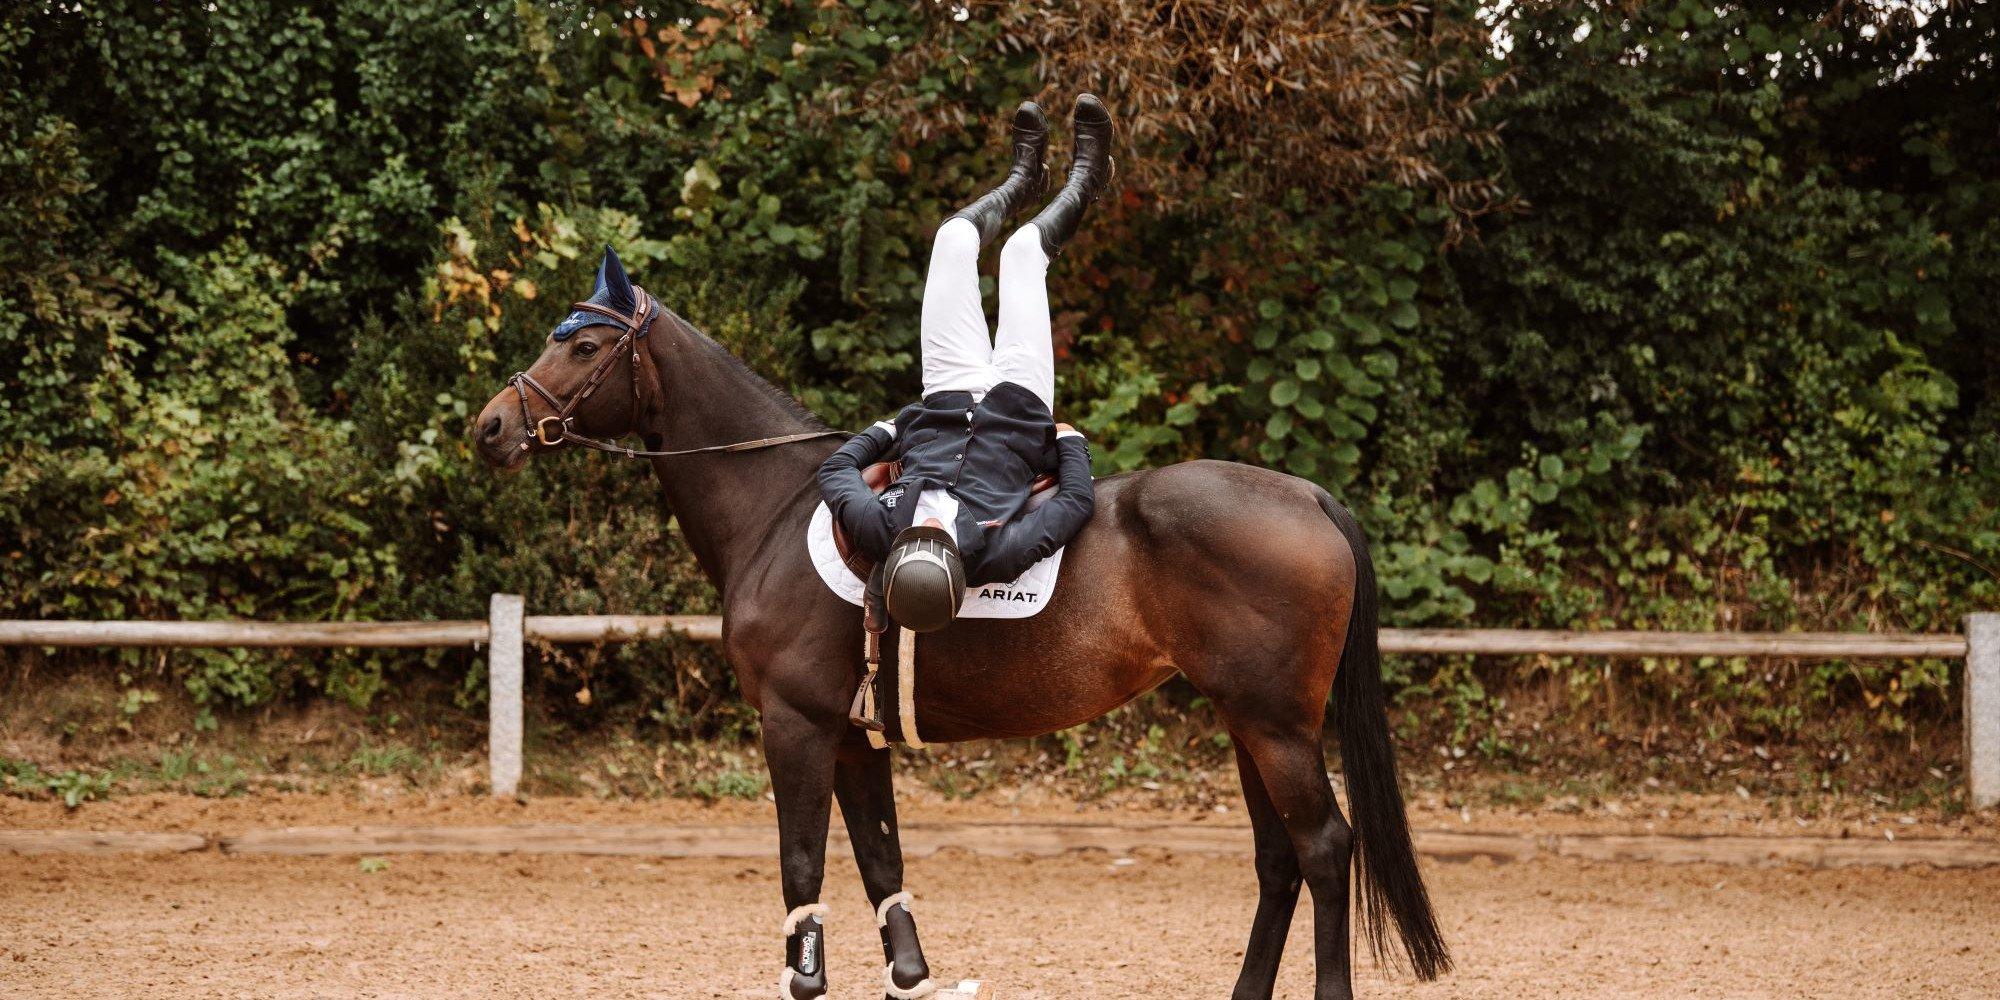 Gymnastik für Reiter: So hältst du dich fit und kannst deinen Reitersitz verbessern